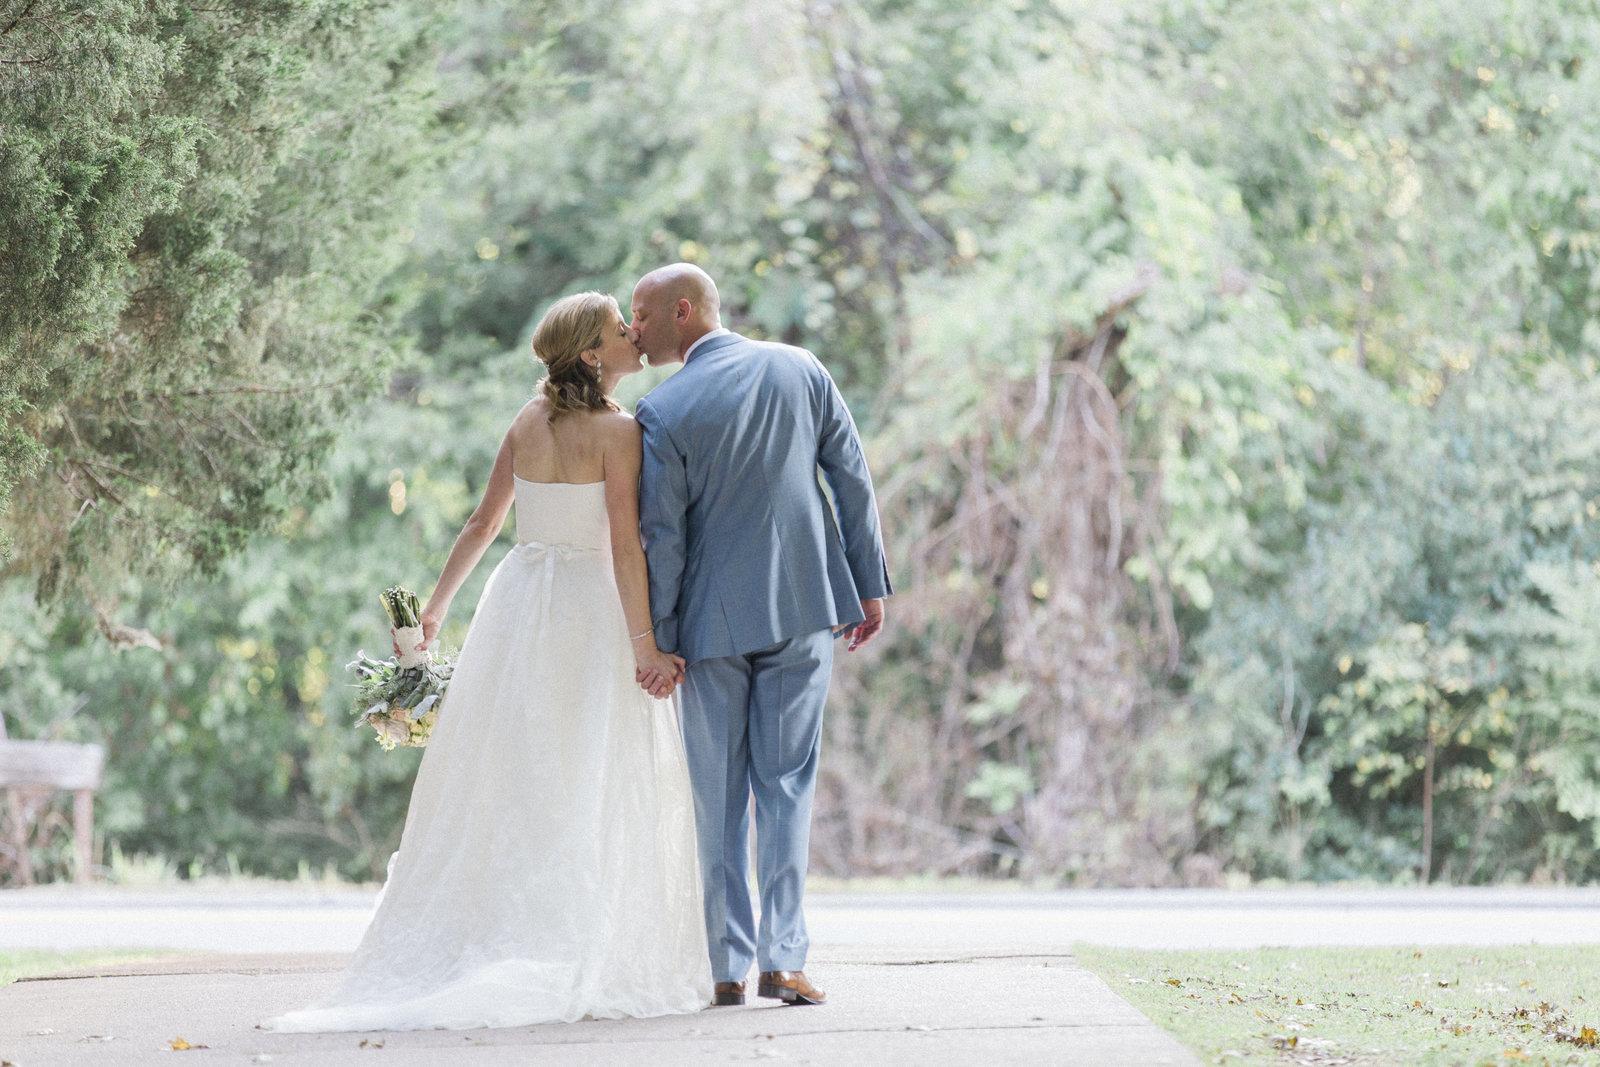 chicago destination wedding photographer nashville tennessee wedding-5533